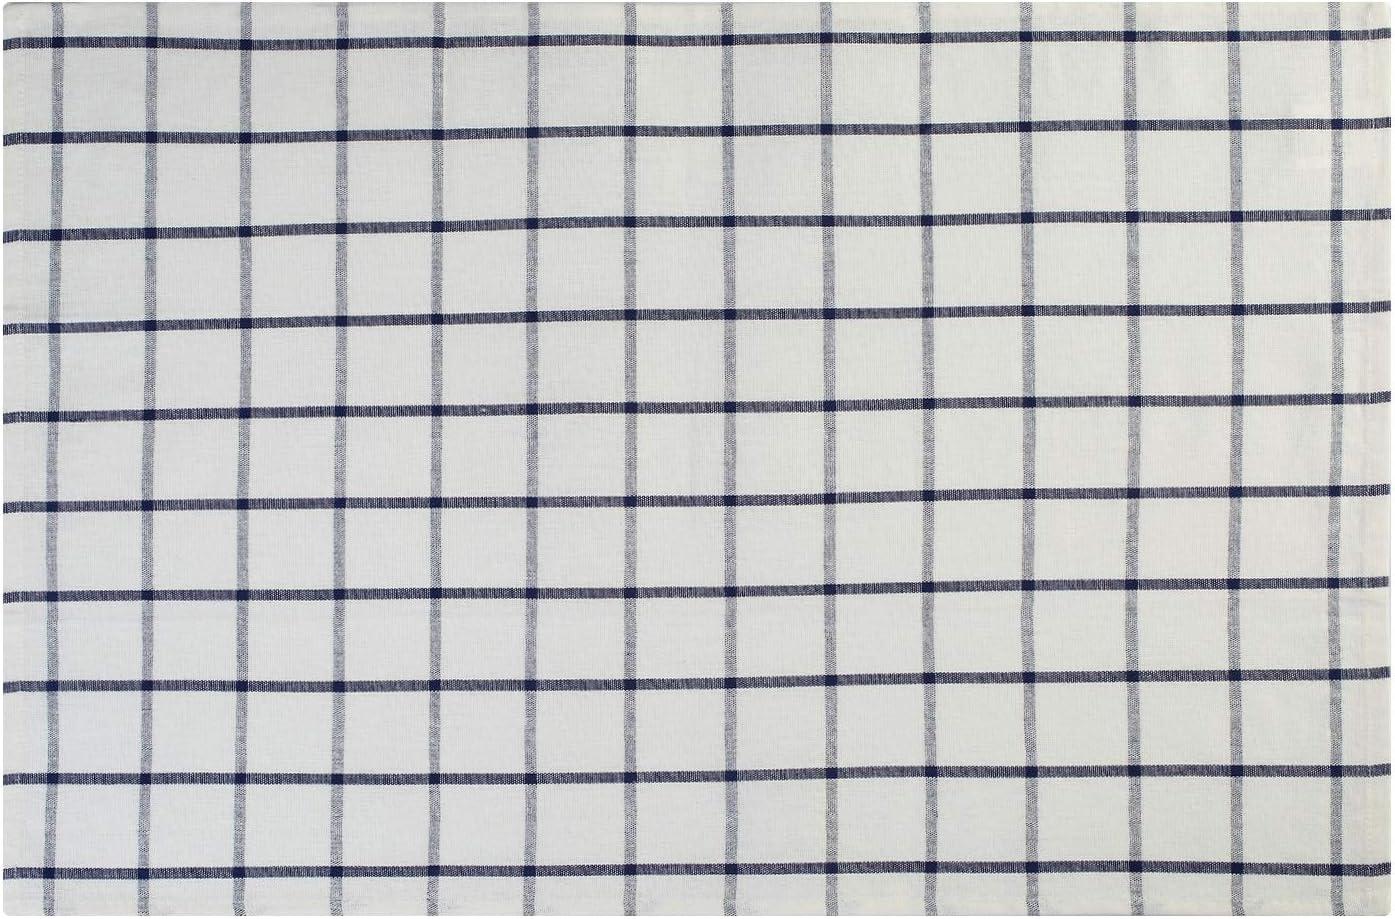 Assorbente e Senza Pelucchi 45 x 65 cm Lifaith Strofinacci da Cucina Classici Lavabili in Lavatrice Confezione da 3 Pezzi in 100/% Cotone Naturale Colore: Bianco a Righe Blu